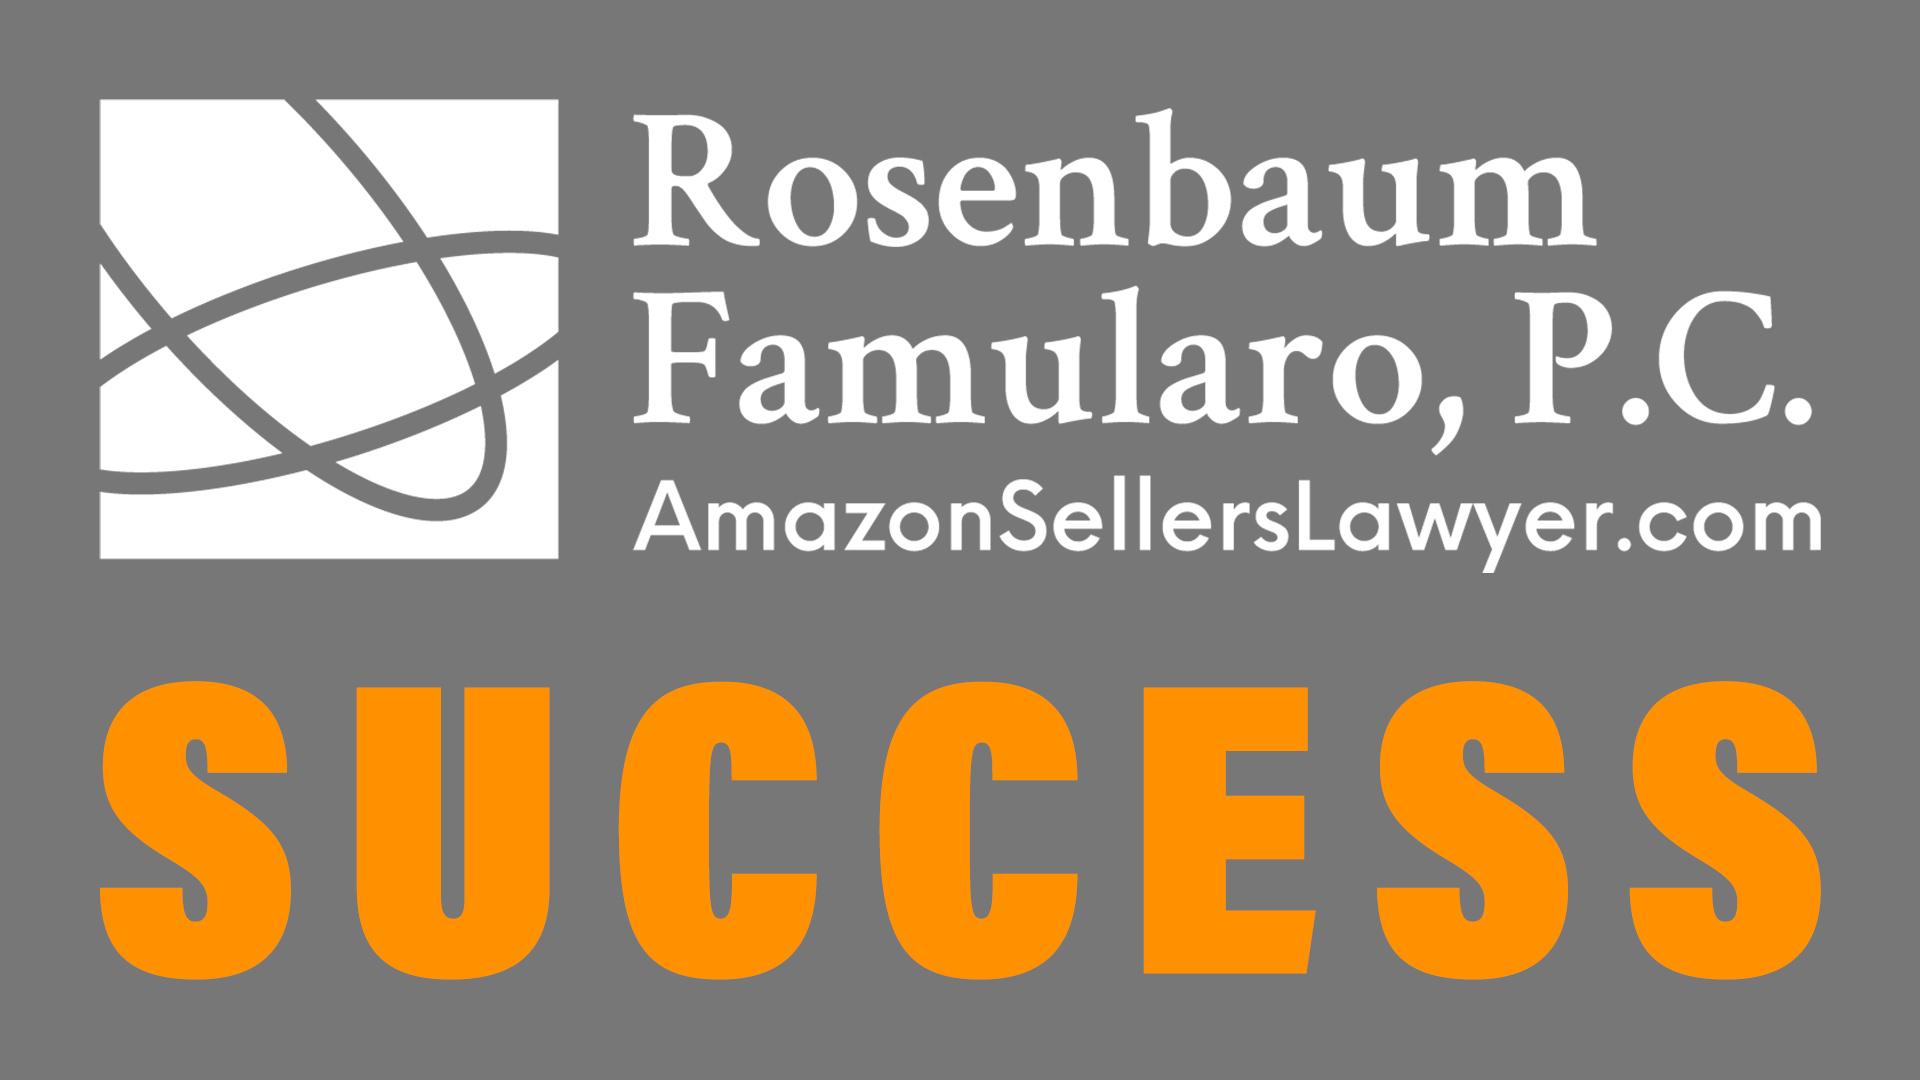 trademark complaint on Amazon seller